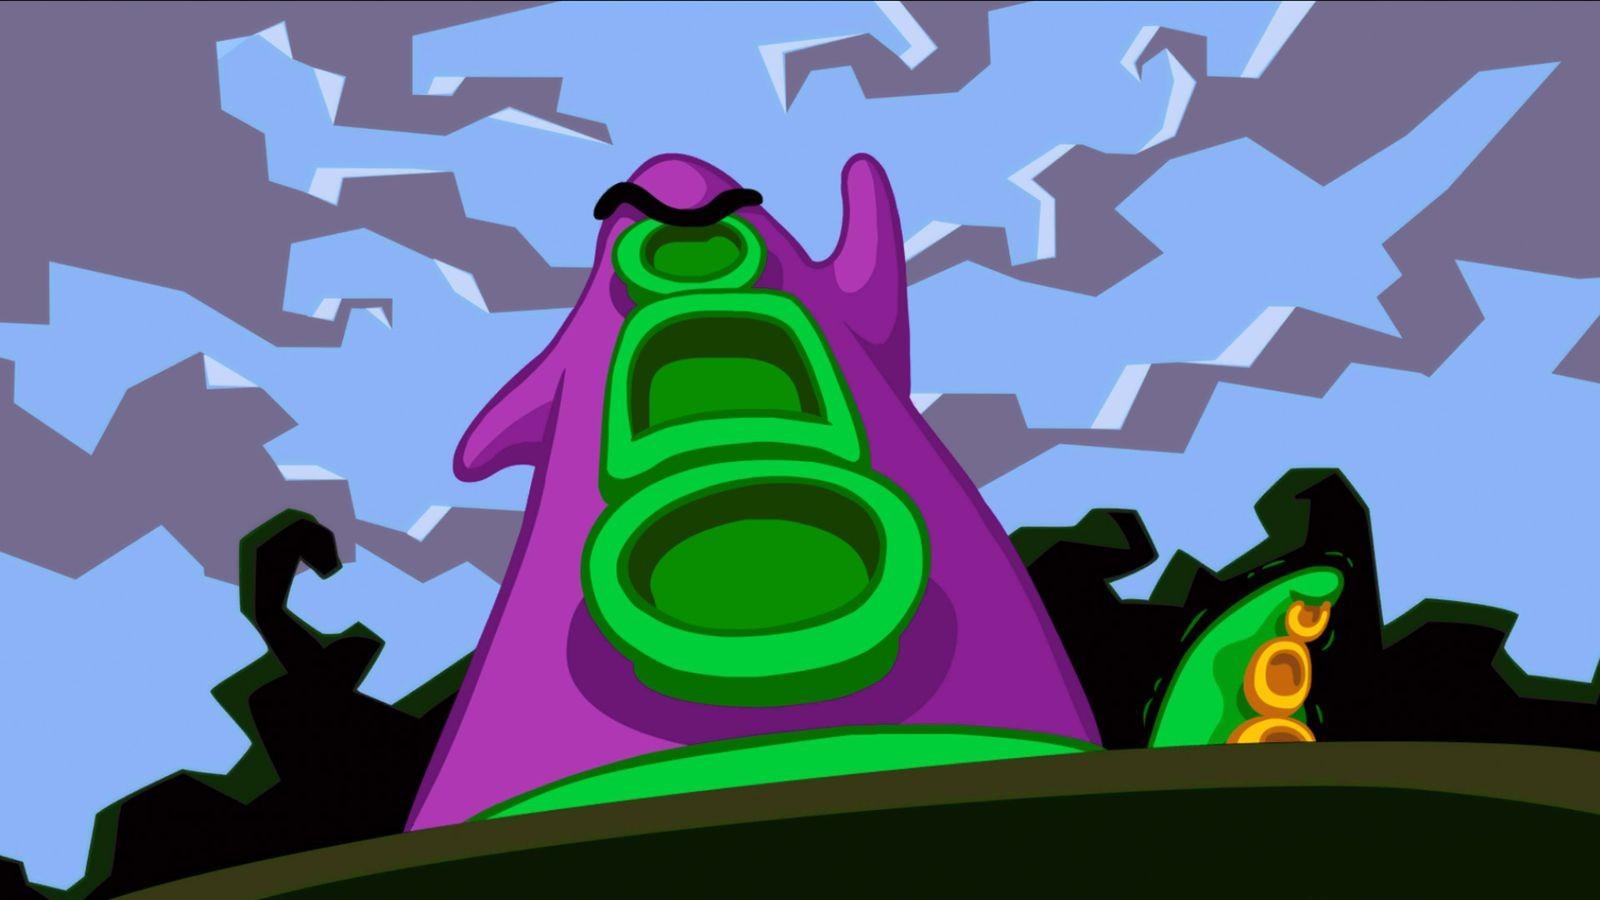 LucasArts tentacle